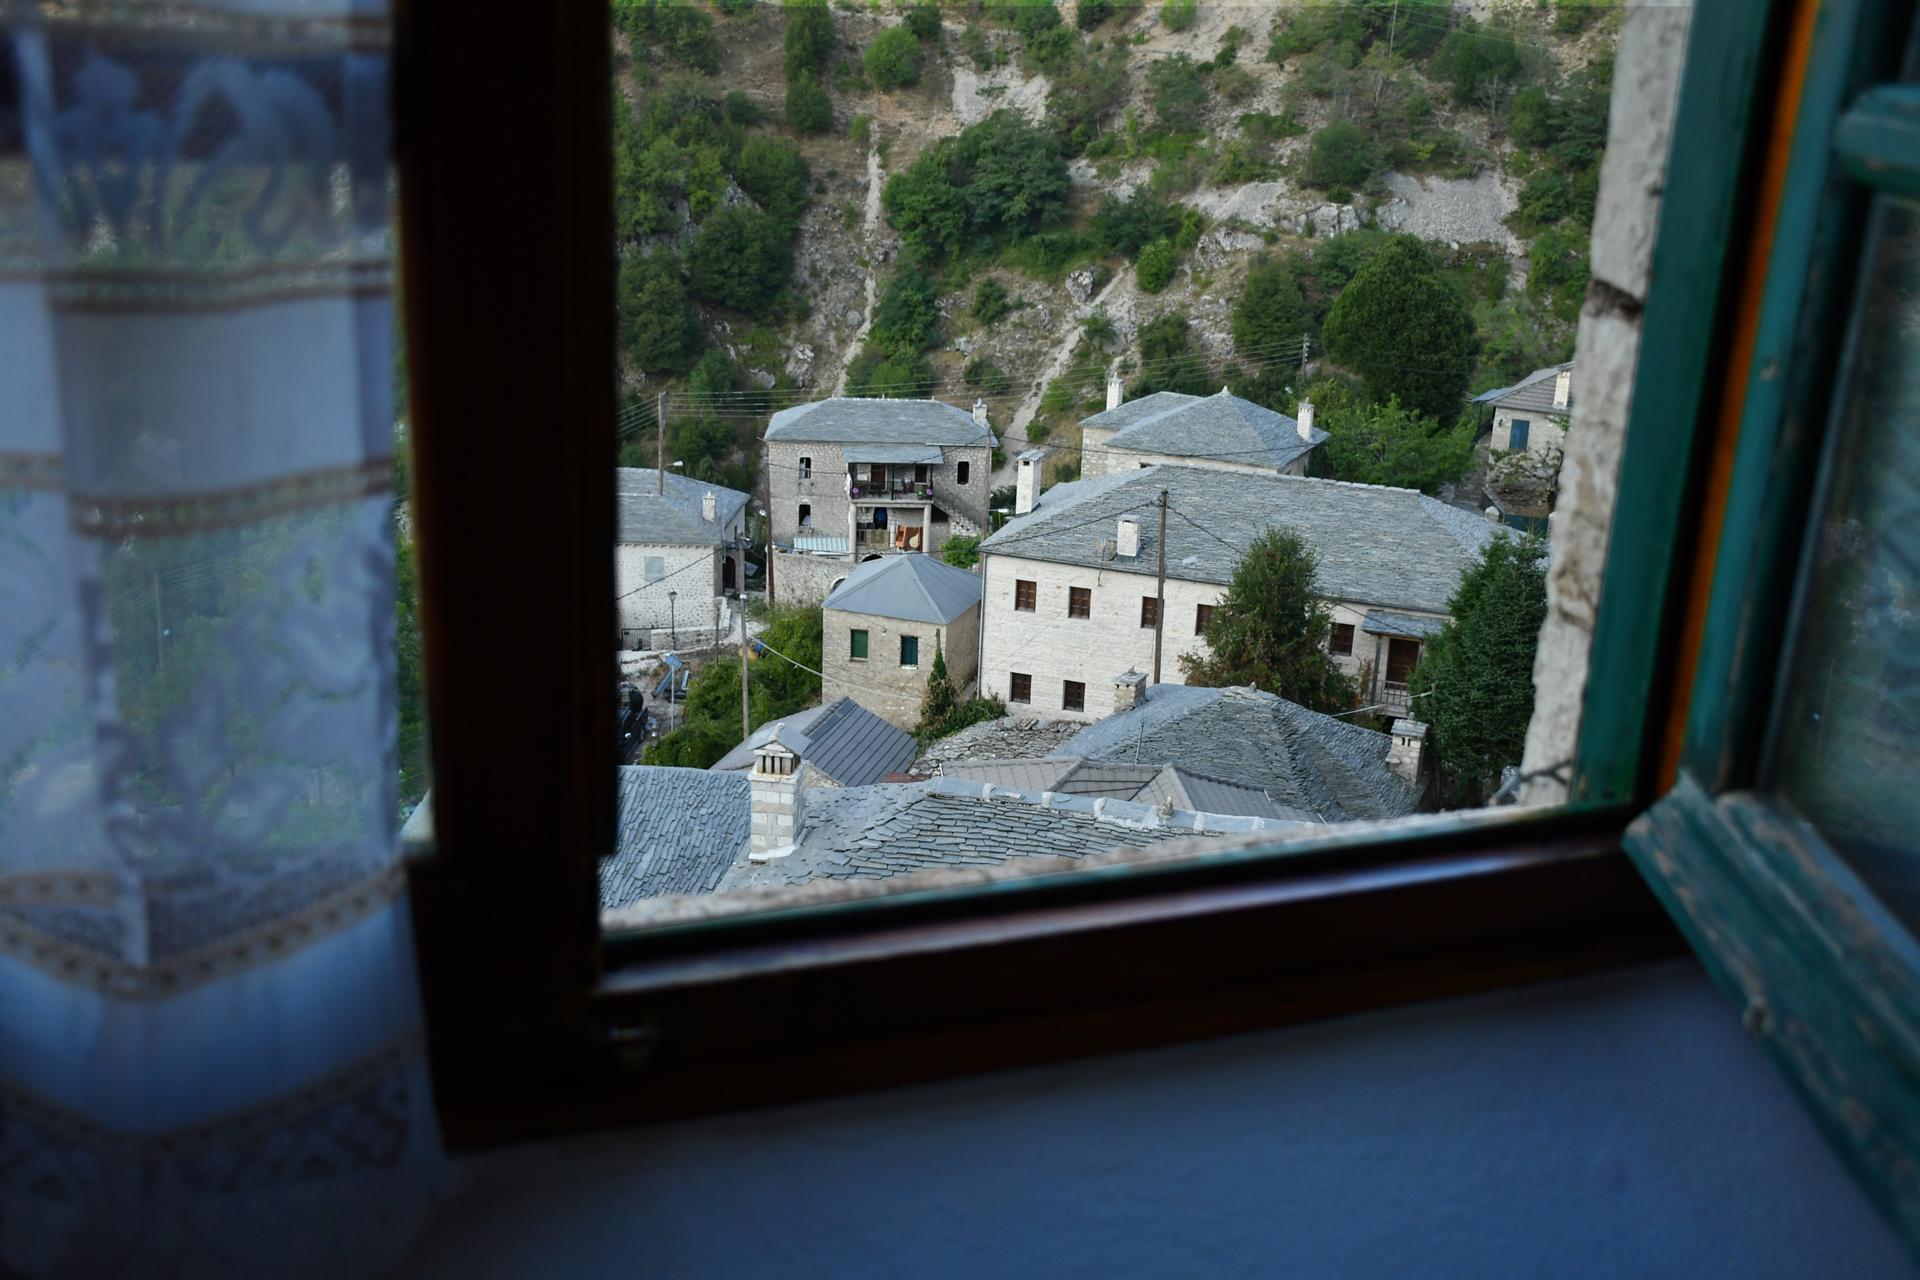 חלון לחלום - יוון- יואל שתרוג - אדמה יוצרת - yoel sitruk